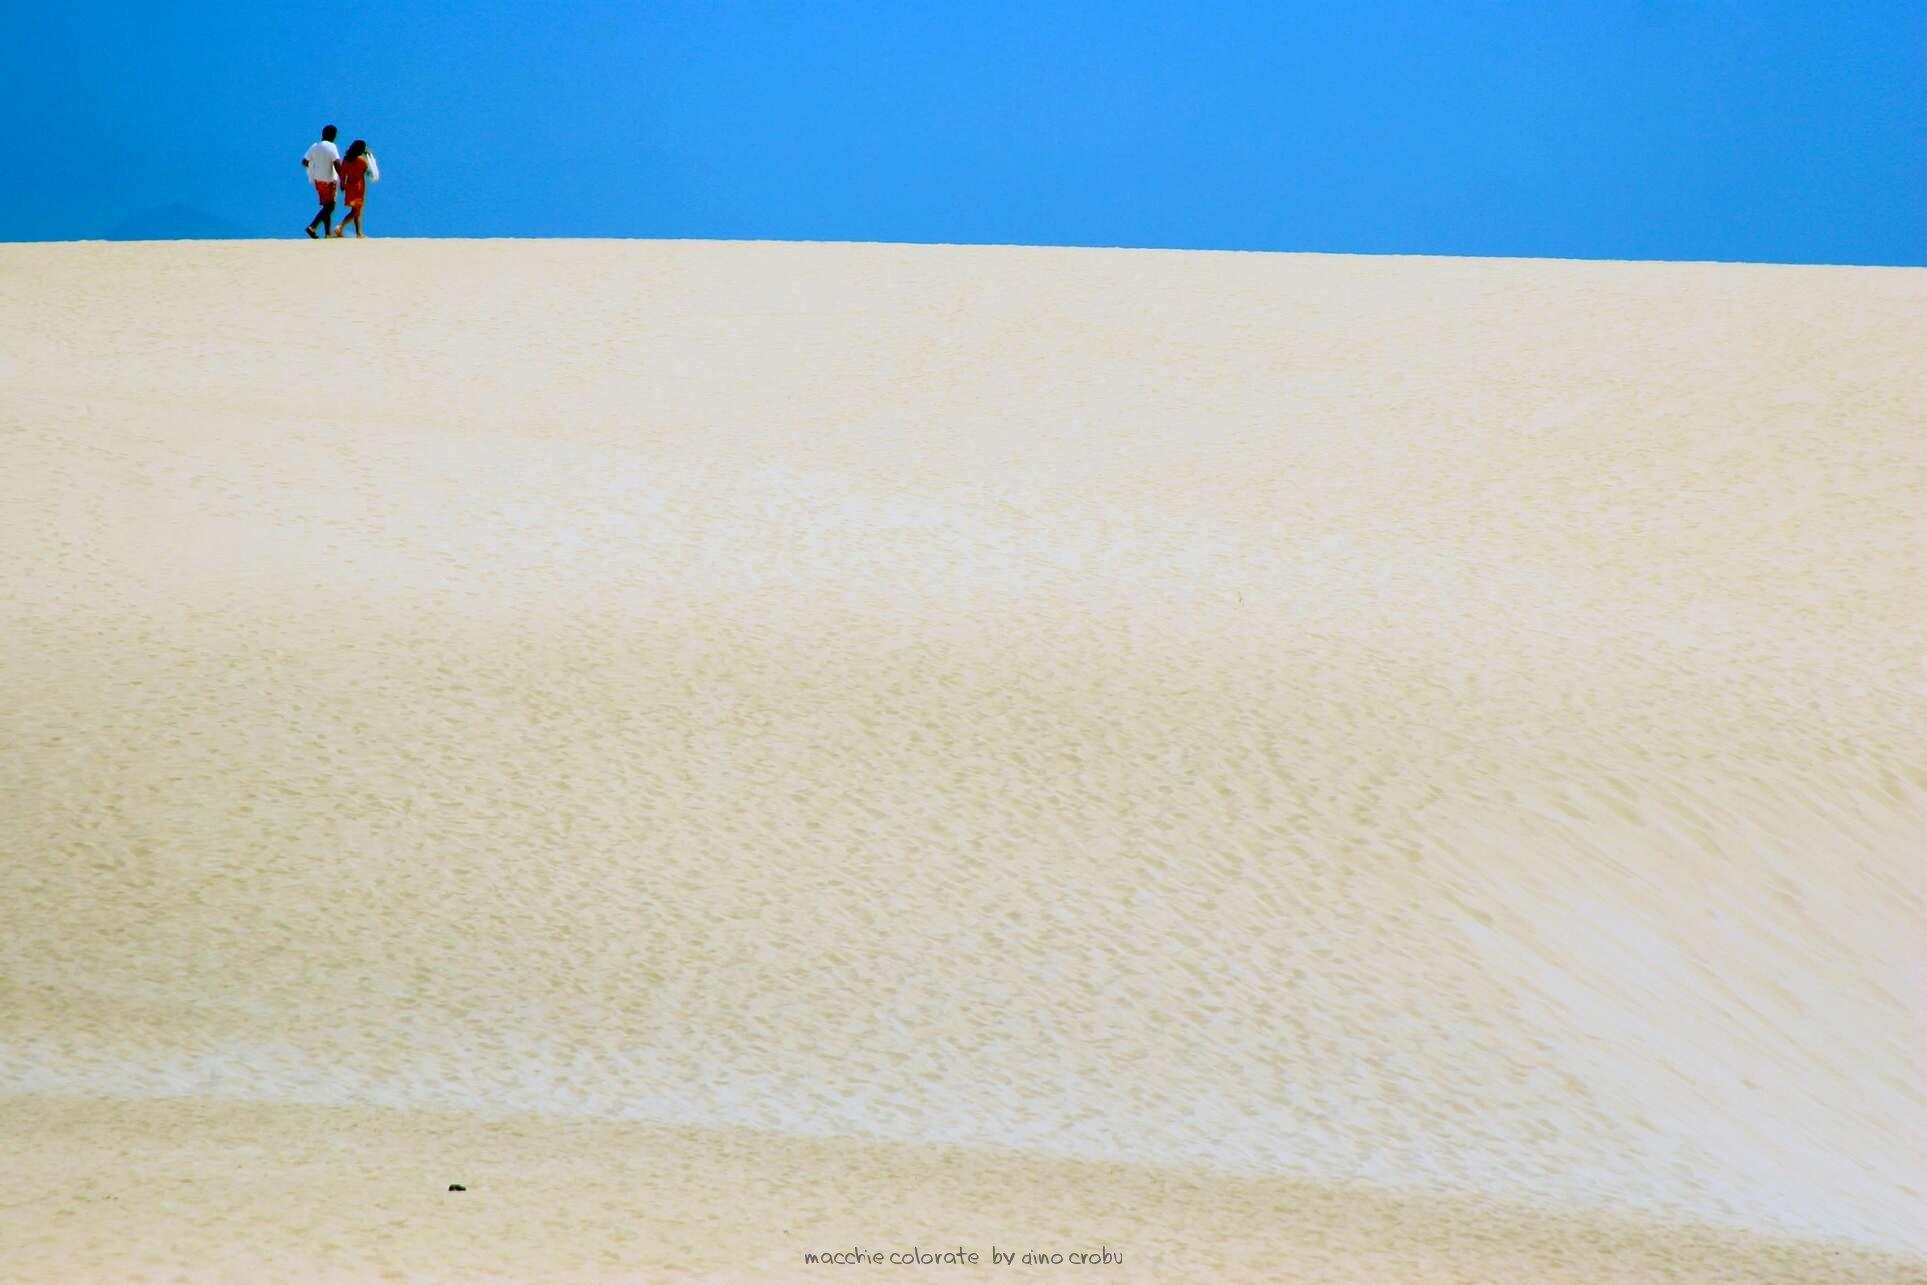 1890-sabbia-e-persone-1